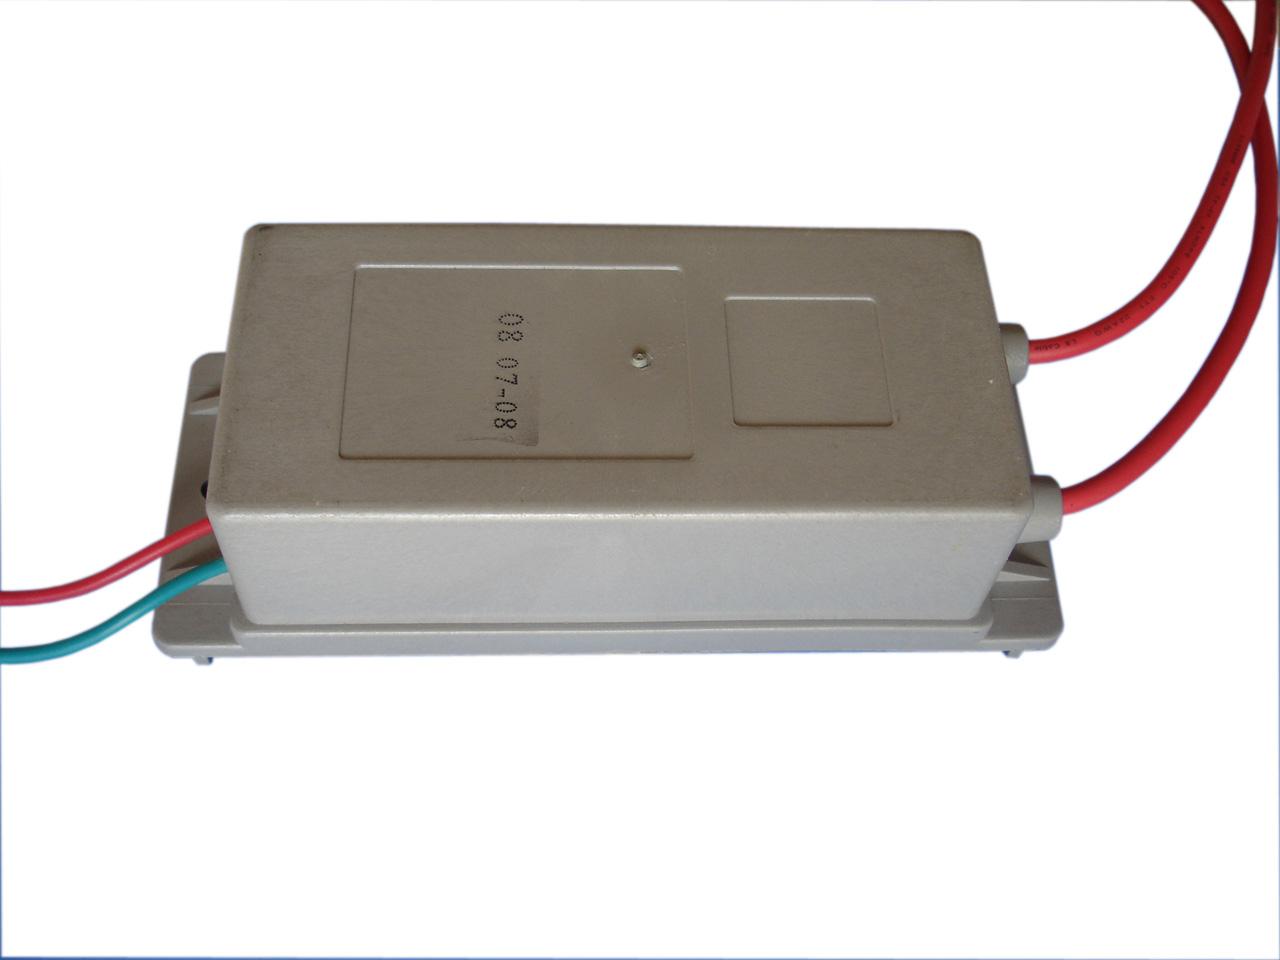 供应臭氧设备及配件 臭氧电源 臭氧发生器 高压包